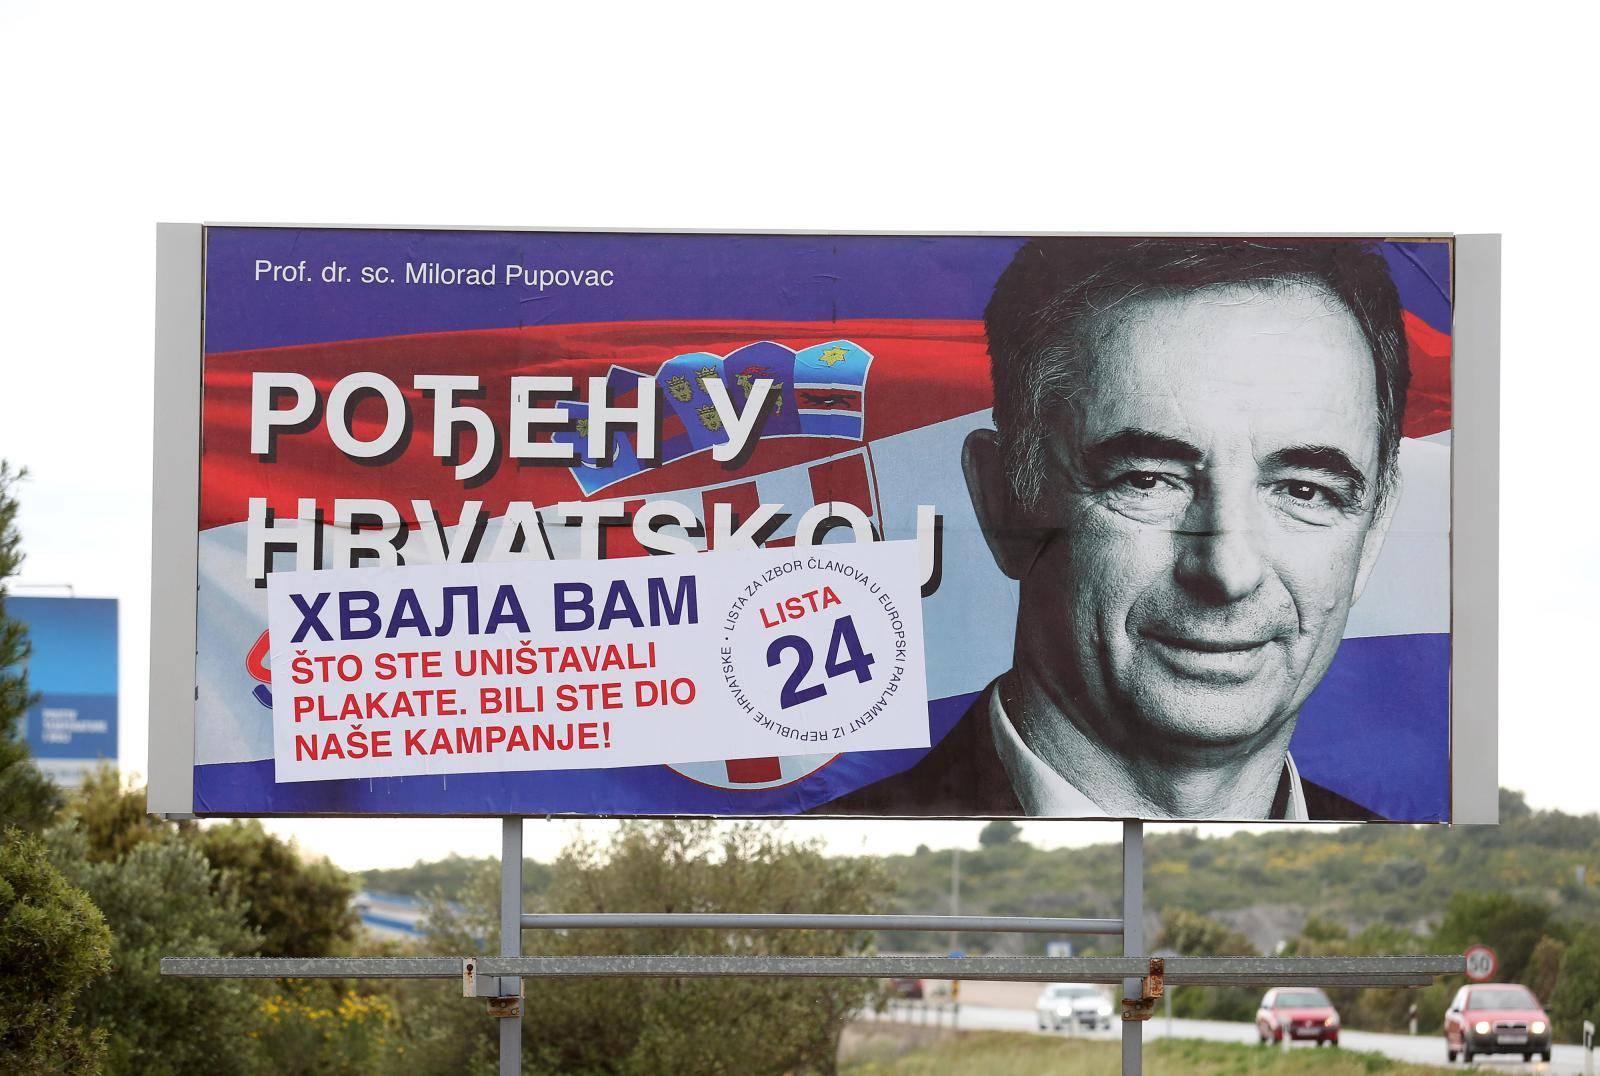 Šibenik: Pupovac zahvalio onima koji su uništavali plakate